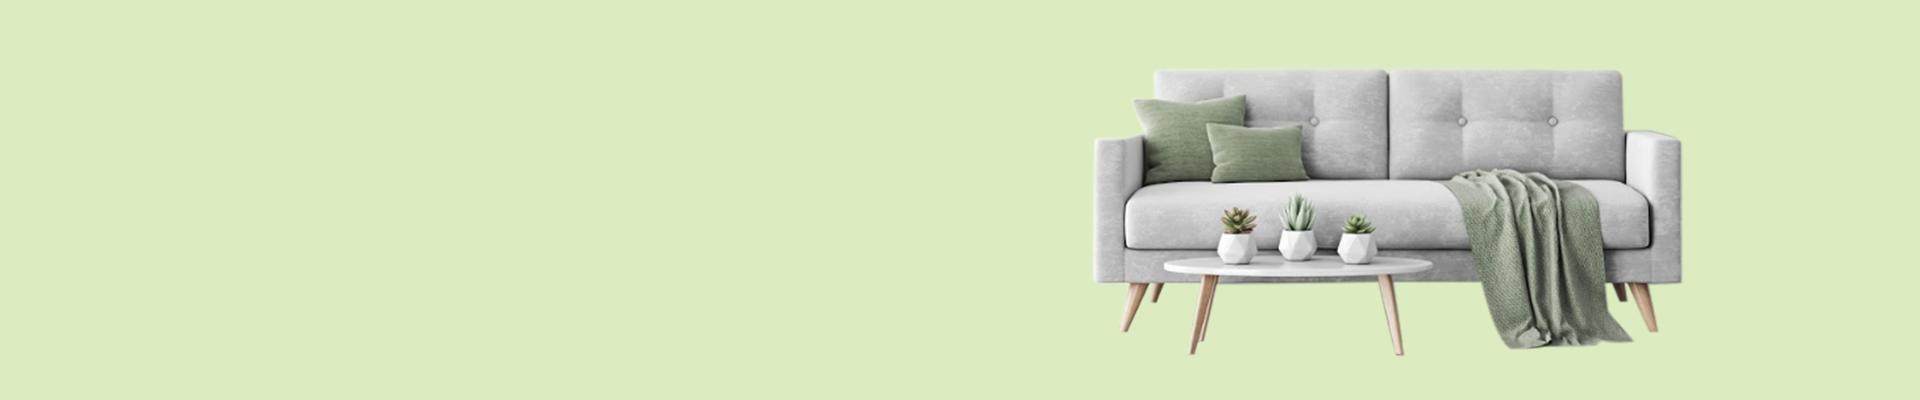 Jual Furniture Rumah Minimalis Murah & Lengkap